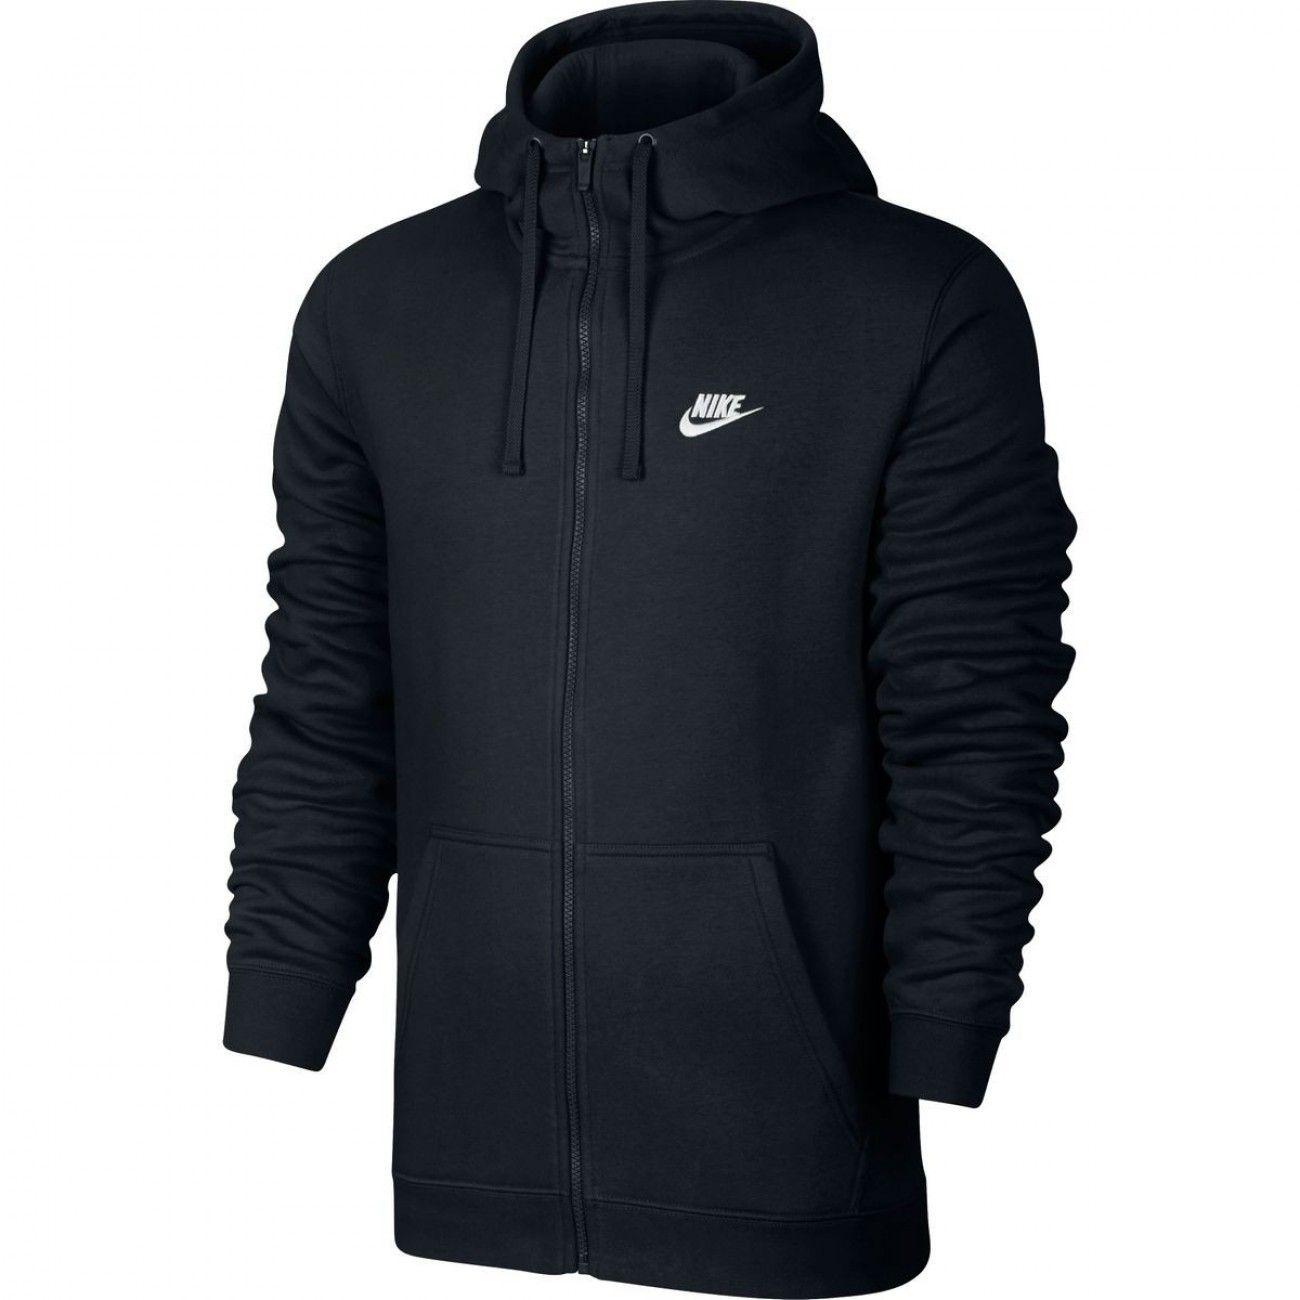 Mode Lifestyle homme NIKE Veste Nike Veste Sportswear Fleece Club